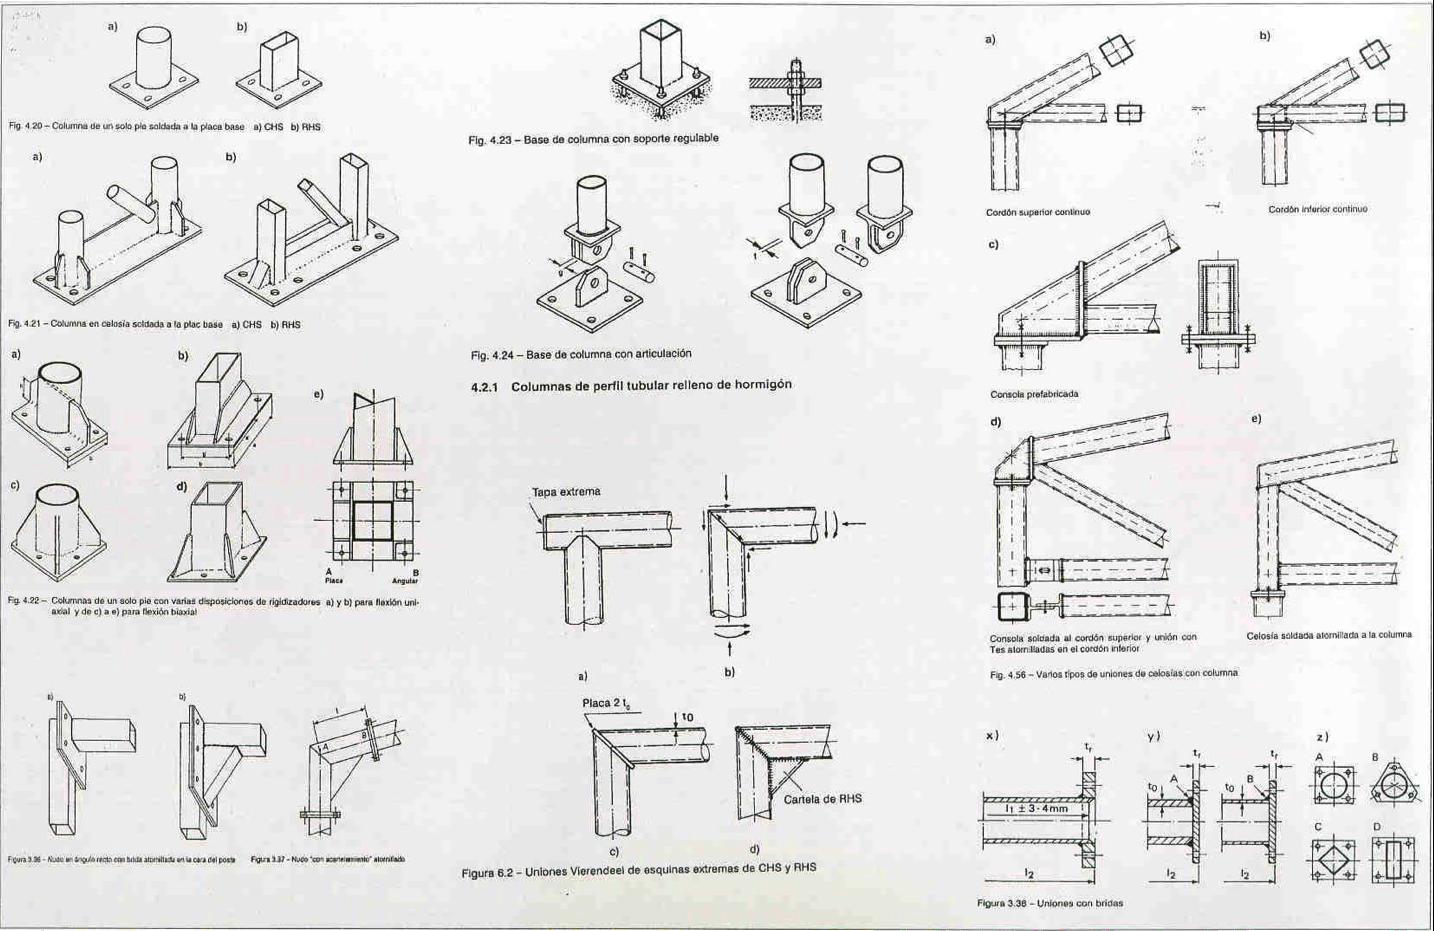 Acero sophia mtz tipo de uniones y conexiones en acero - Estructuras metalicas tipos ...